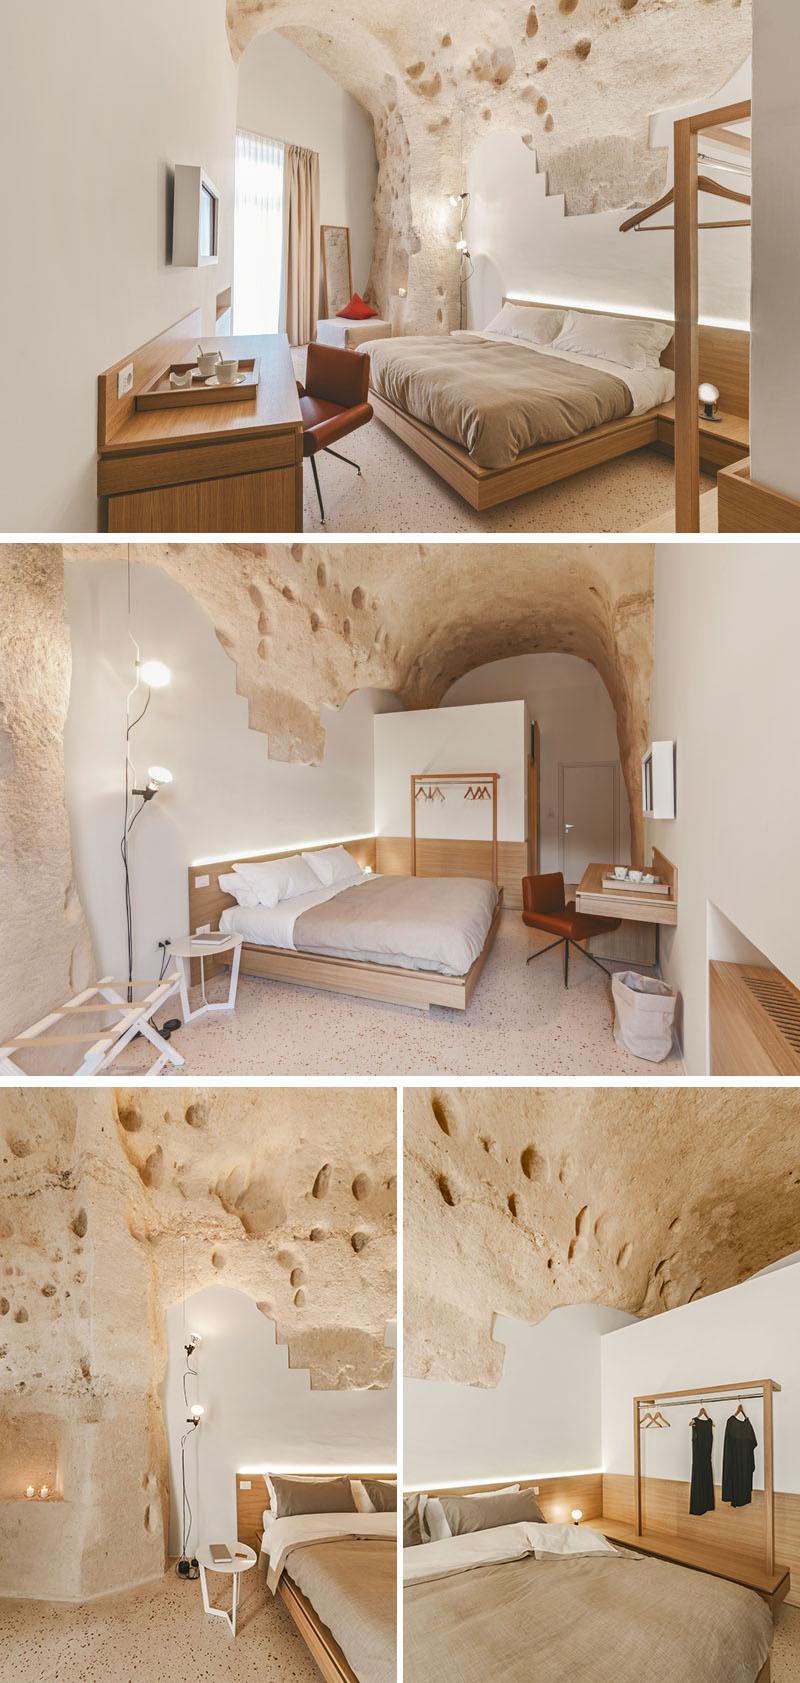 9-hotel-na-italia-mistura-classico-e-contemporaneo